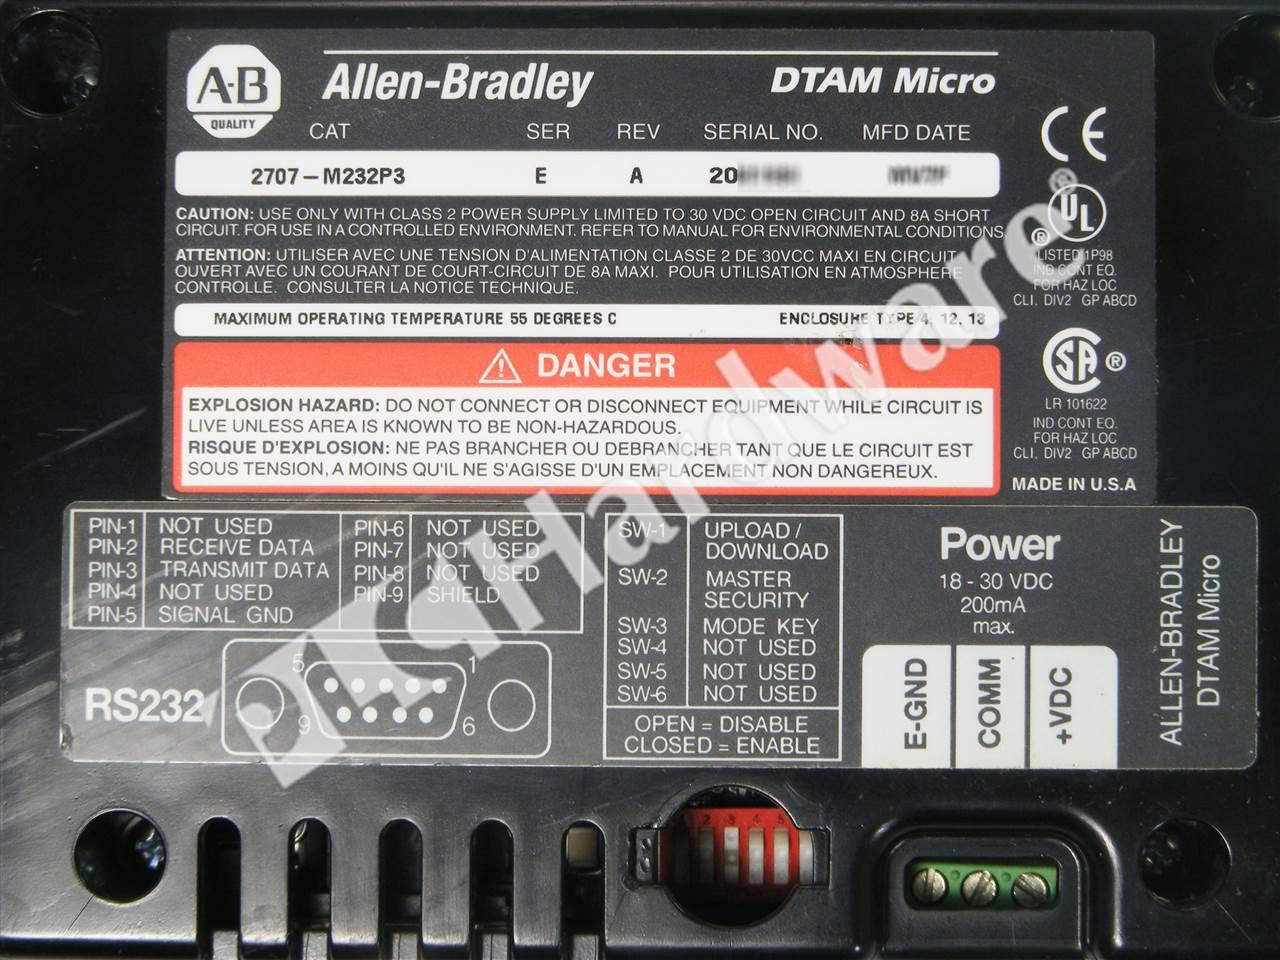 2707-M232P3/E